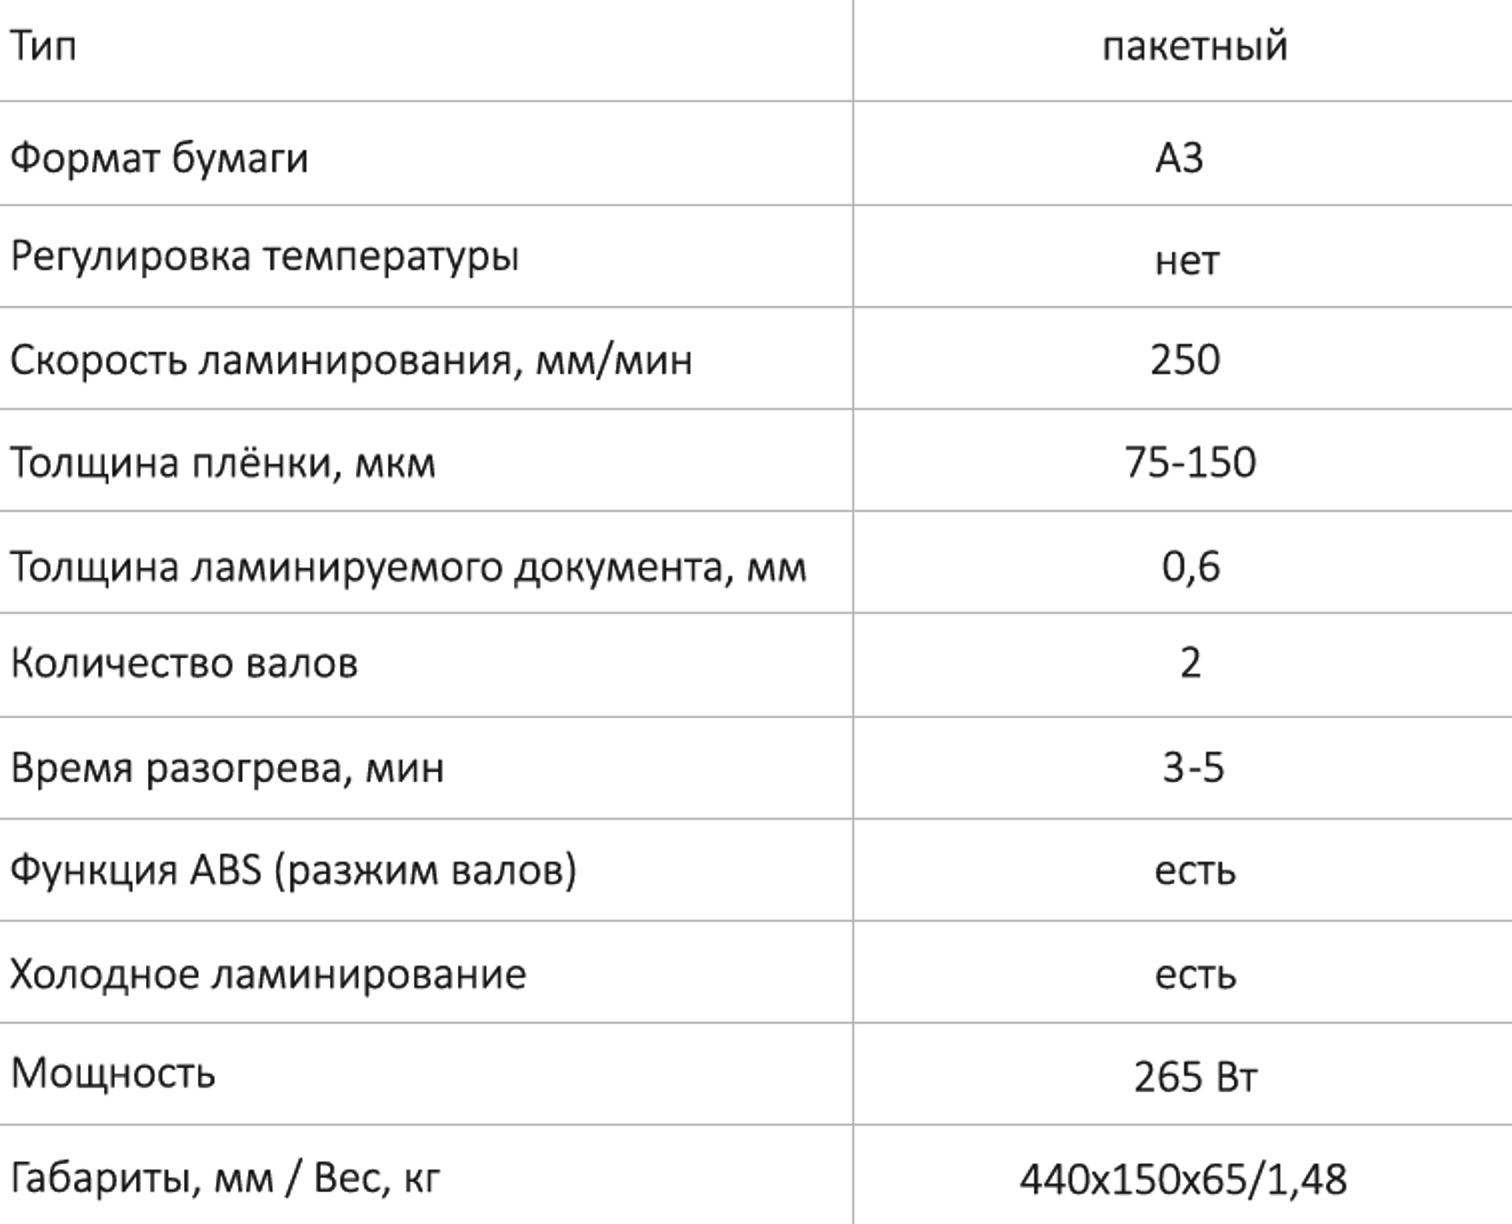 Snimok_ekrana_2020-05-08_v_12